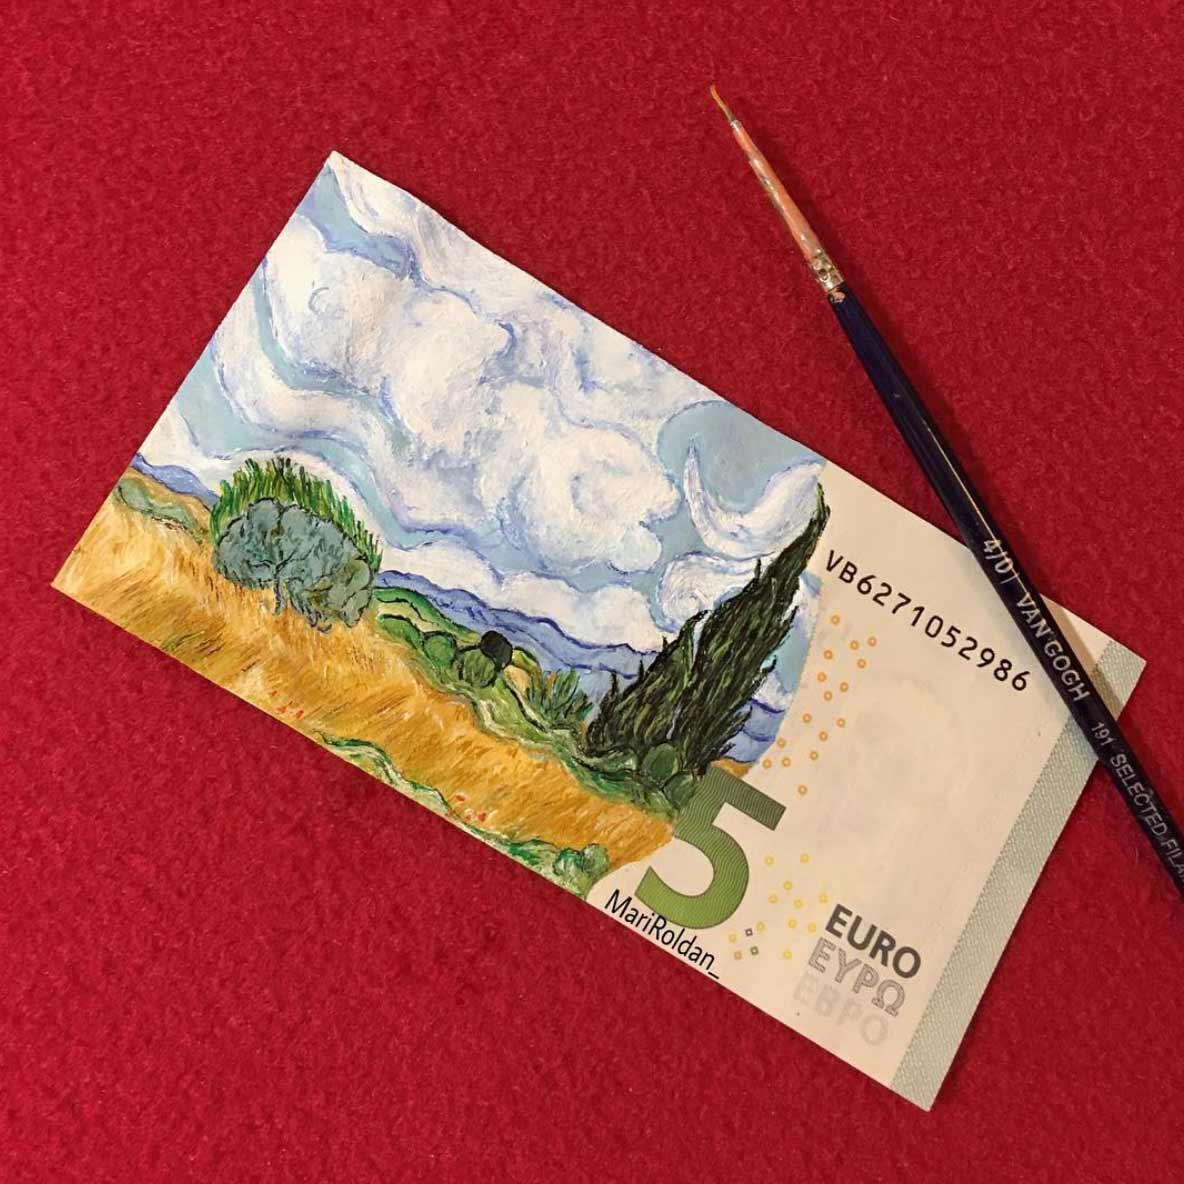 Gemälde auf Geldscheinen Mari-Roldan_05